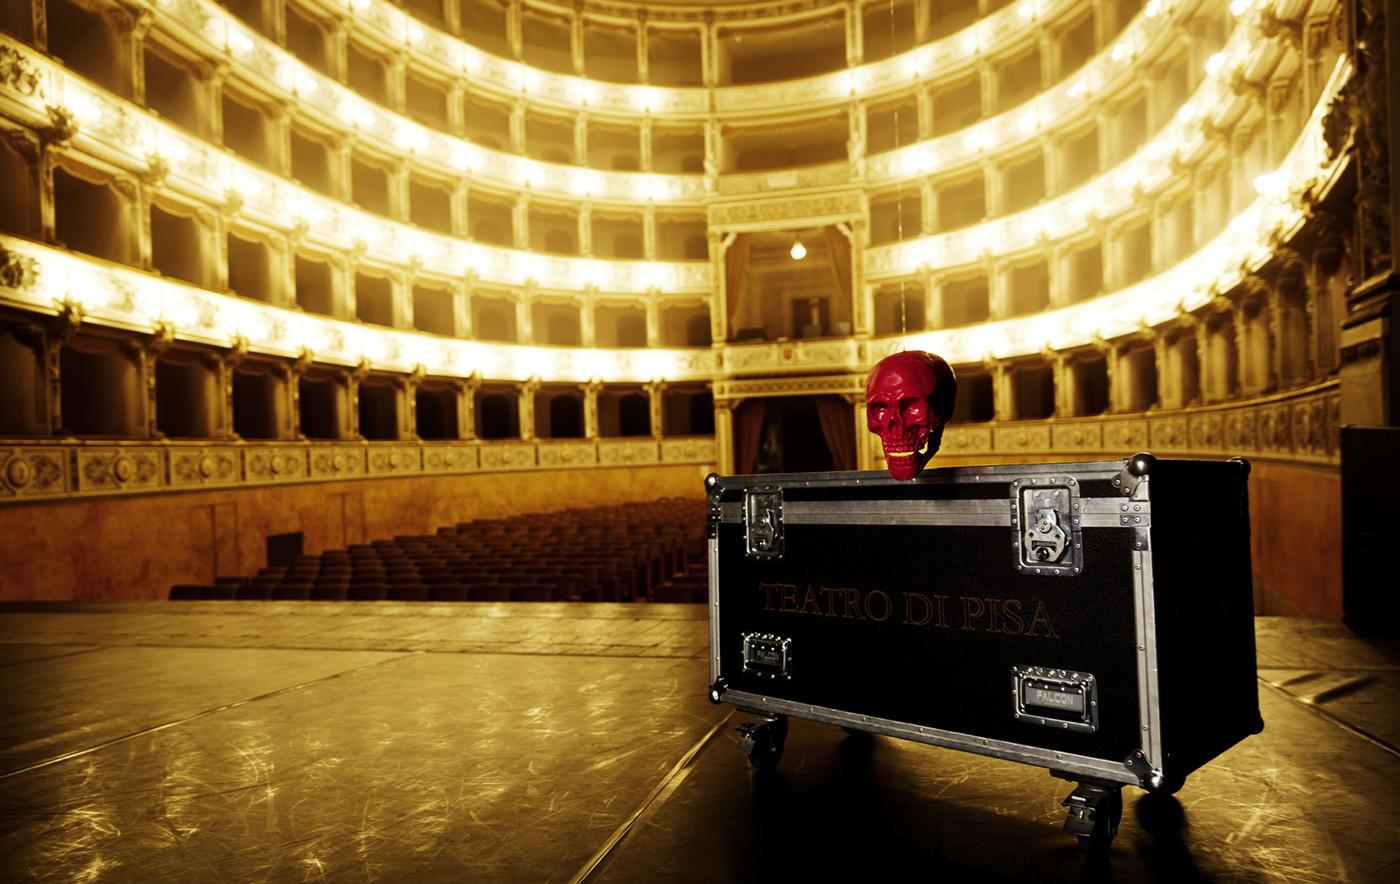 Bühne Theater Stagebox mit rotem Totenkopf darauf